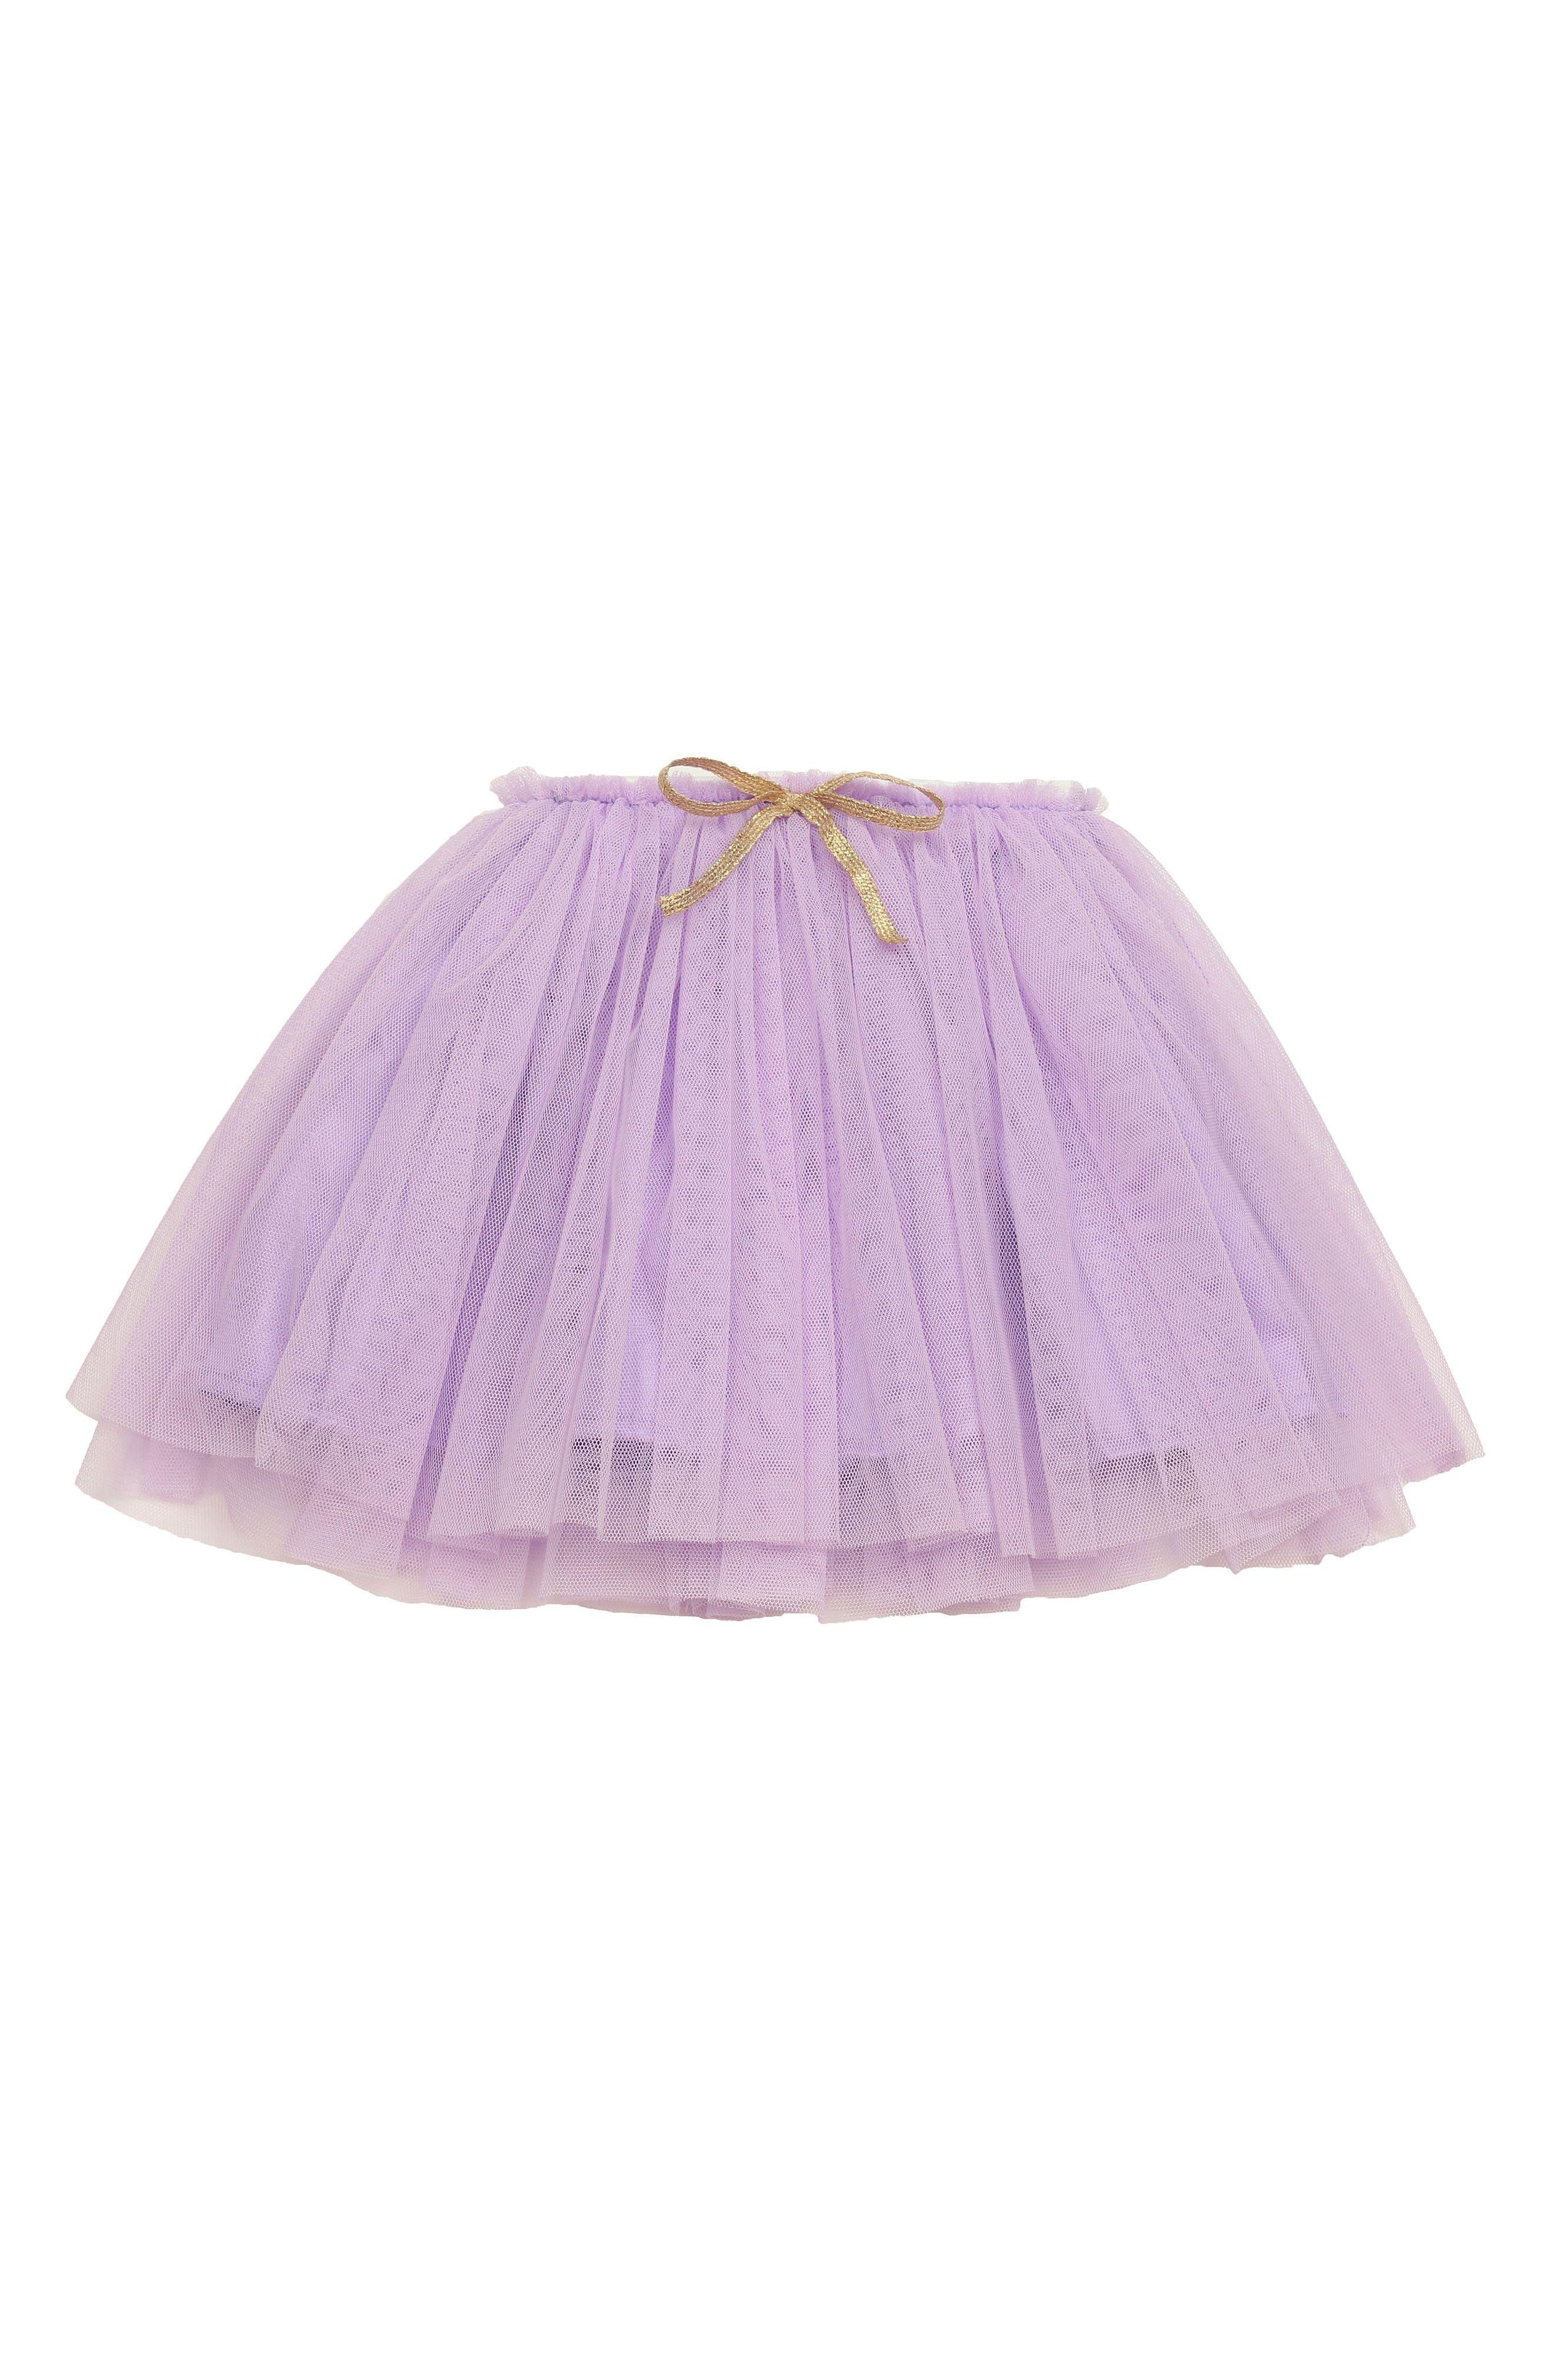 Tutu Skirt,                             Alternate thumbnail 3, color,                             PURPLE